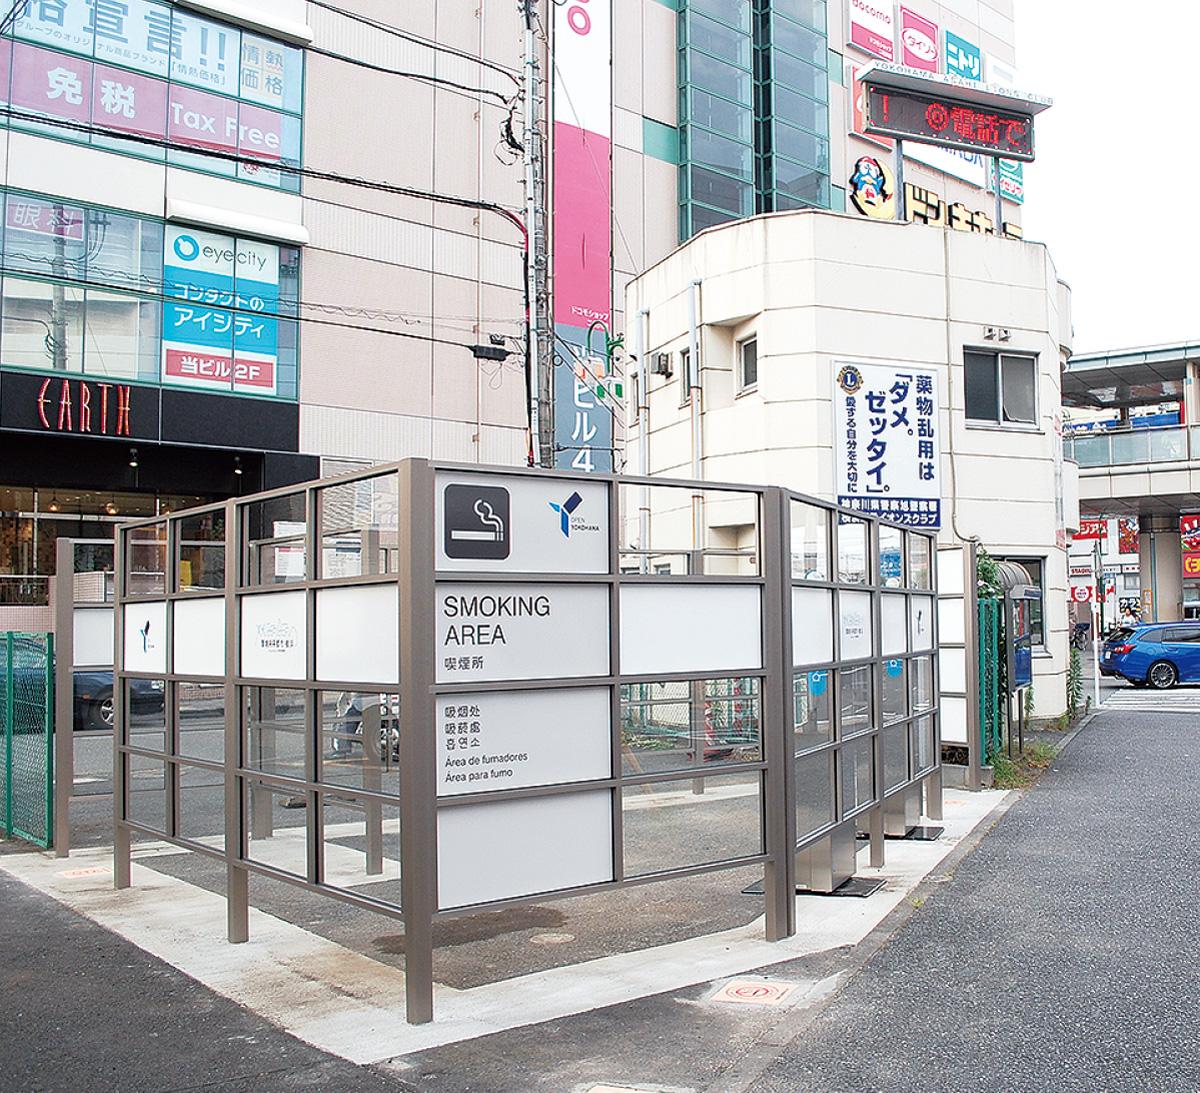 二俣川喫煙所オープン